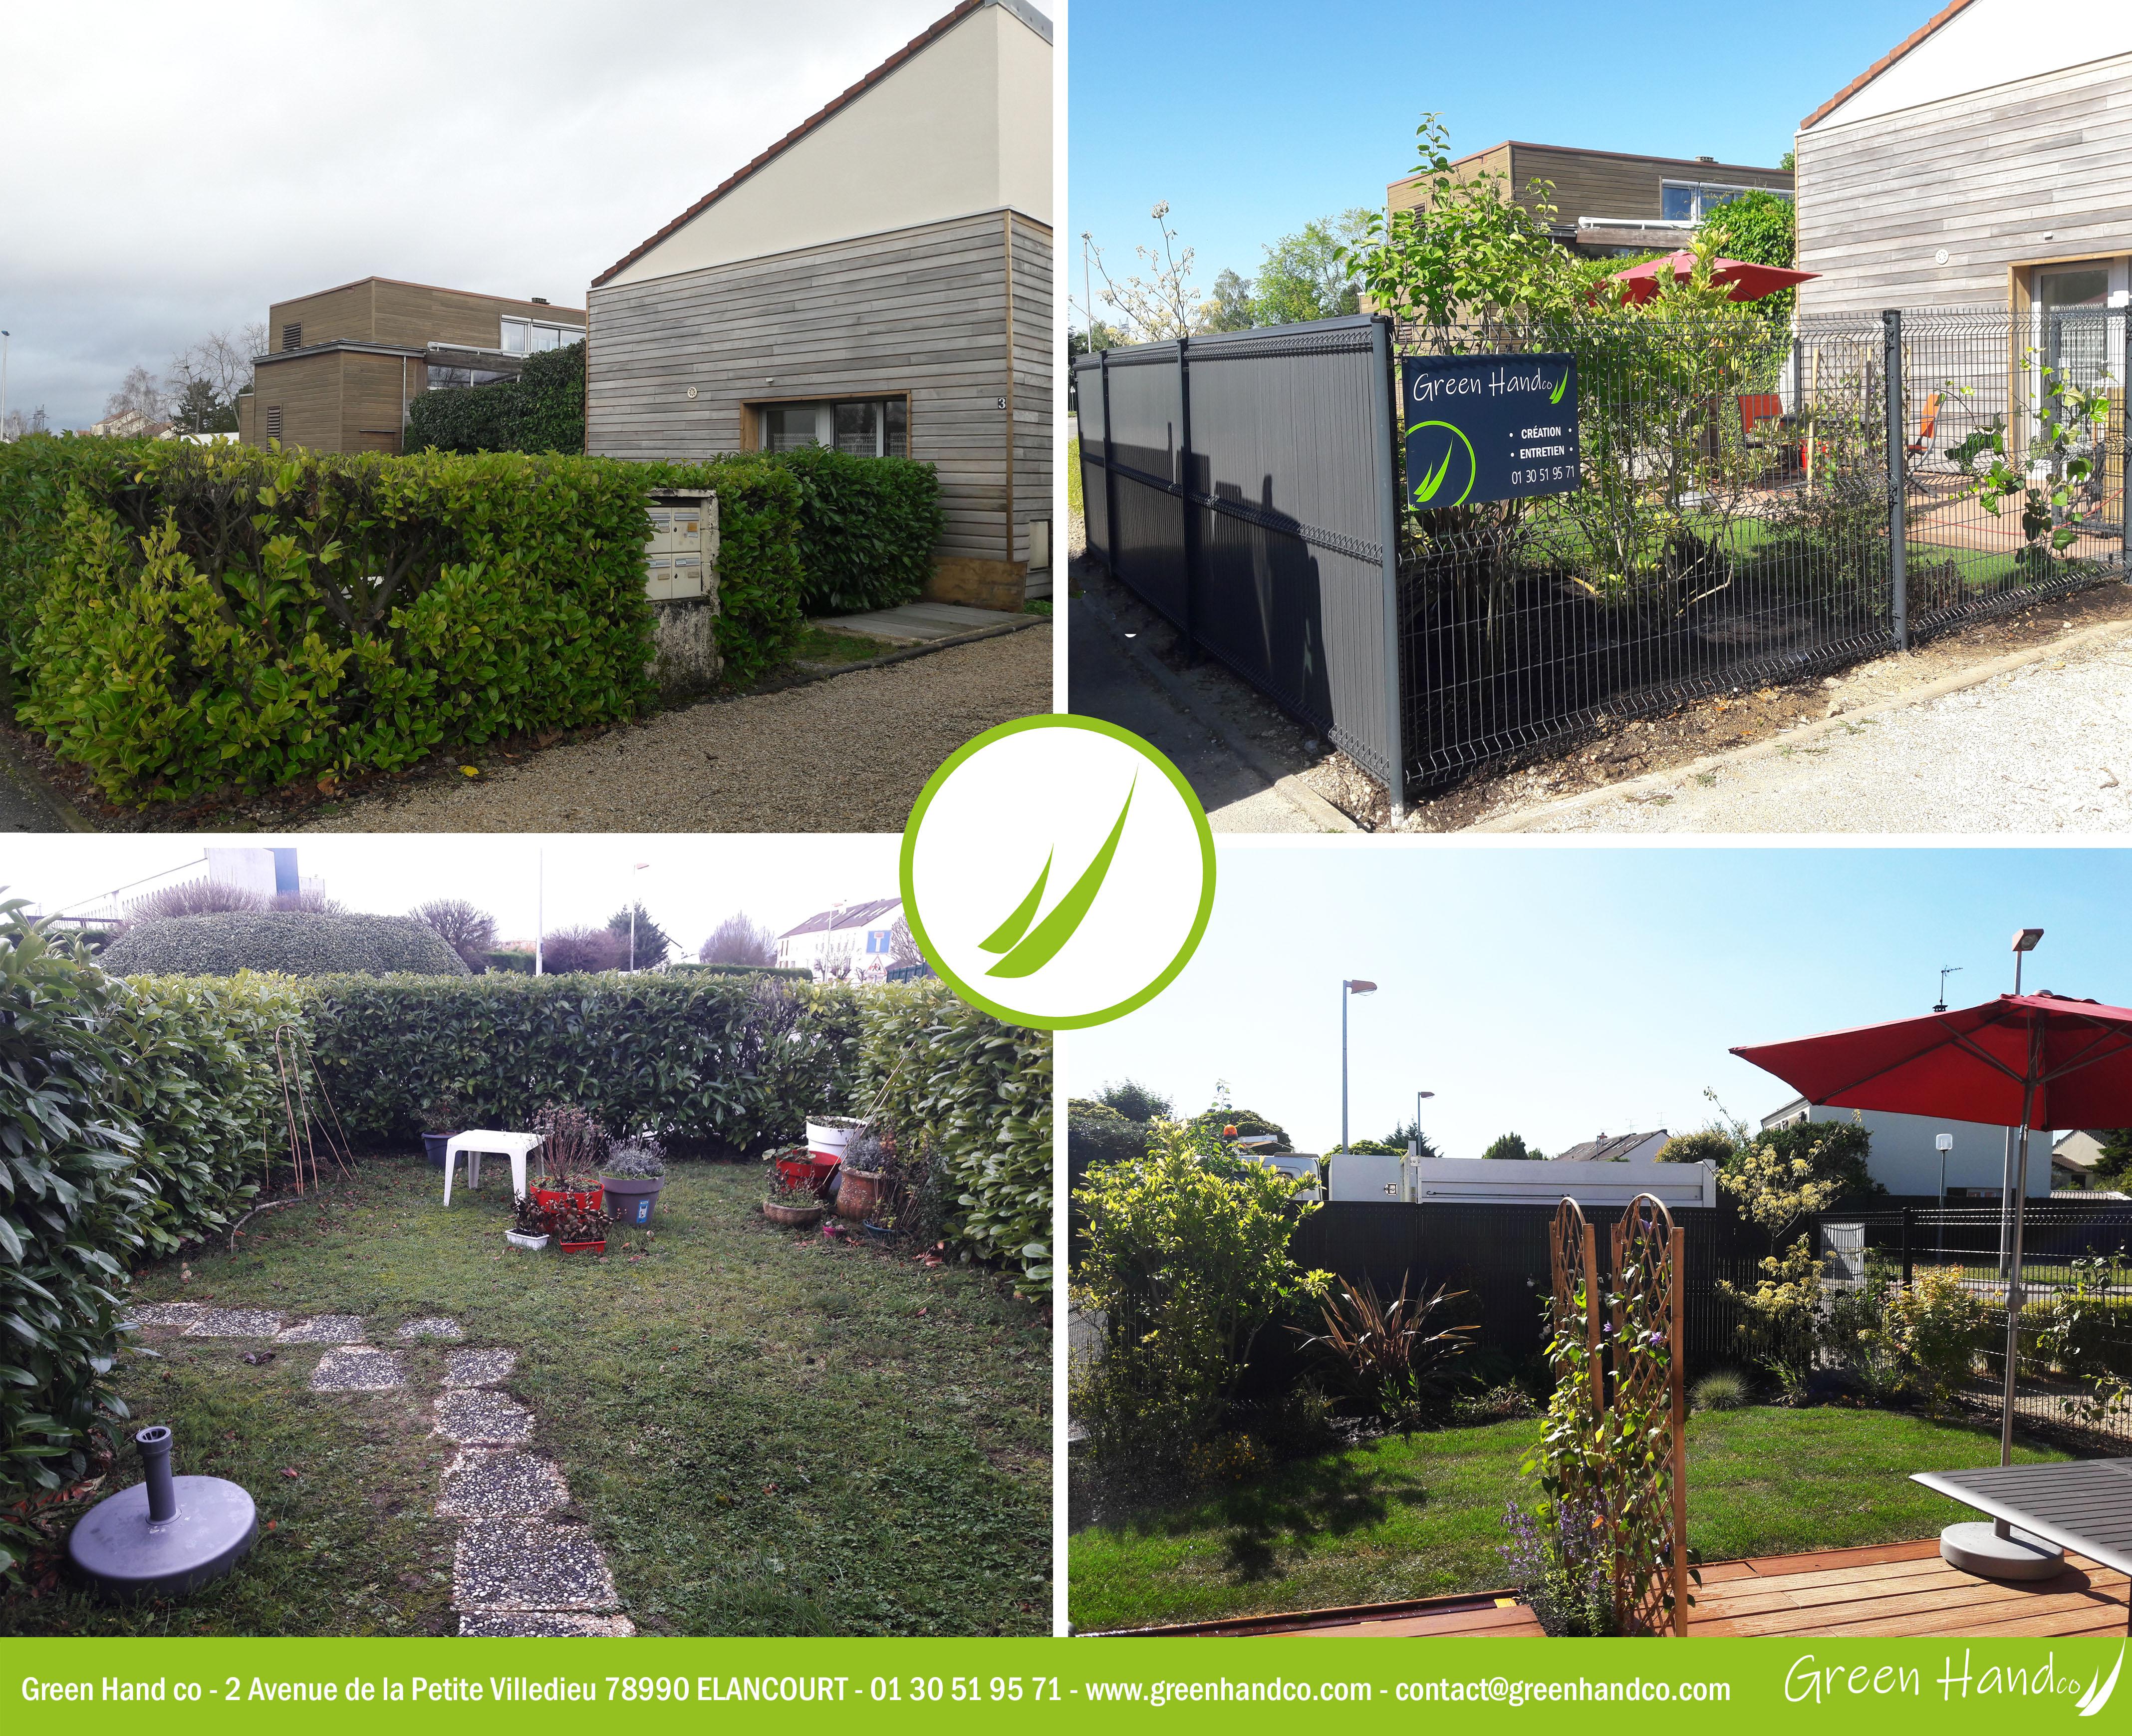 Terrasse, composite, green hand co, création d'espaces verts,